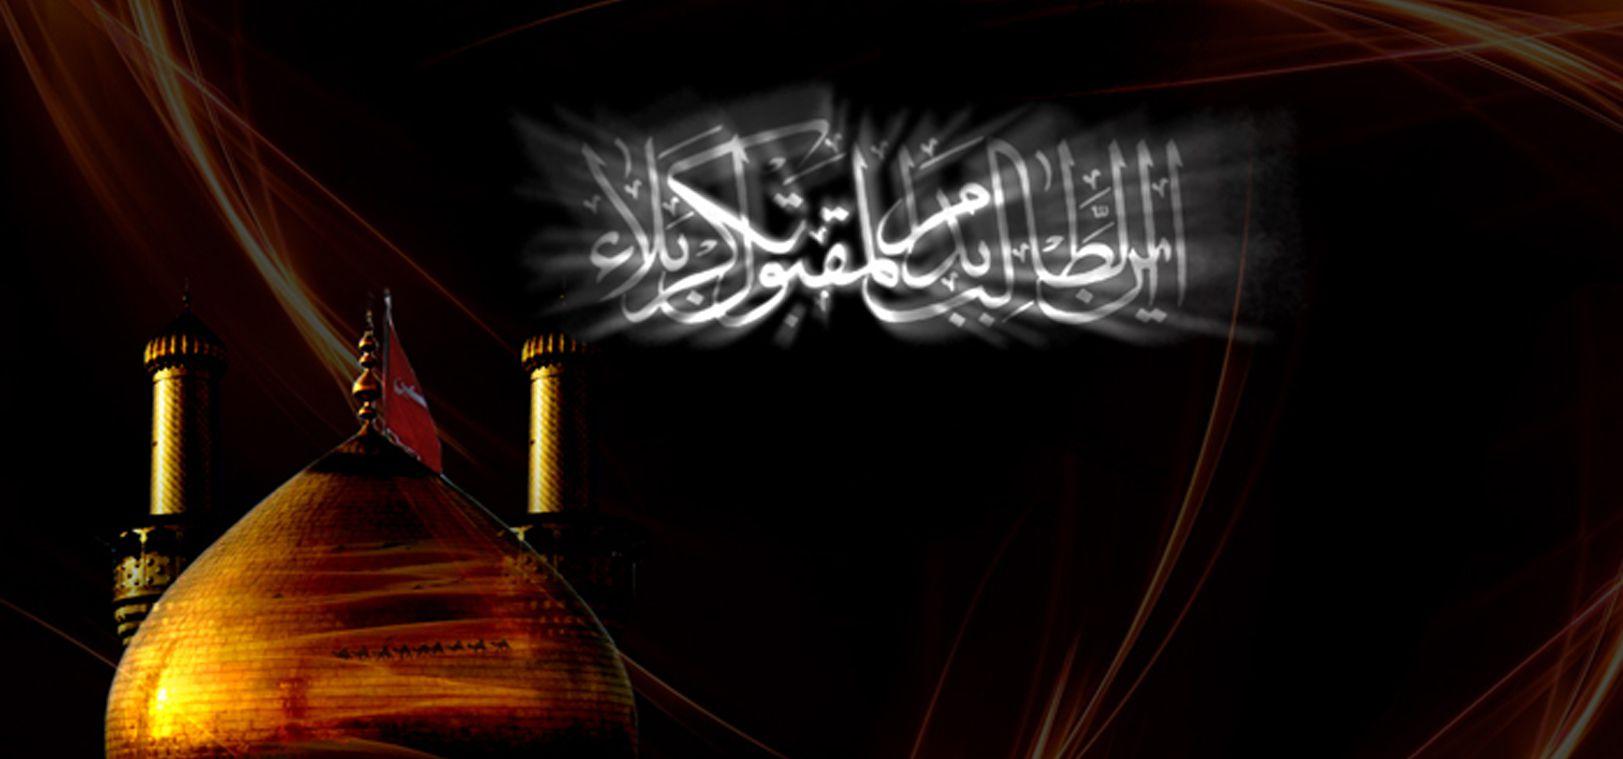 Azeri Sahar Tv | День Арбаин - сороковой день мученической смерти Хусейна в Дербенте 2014 |